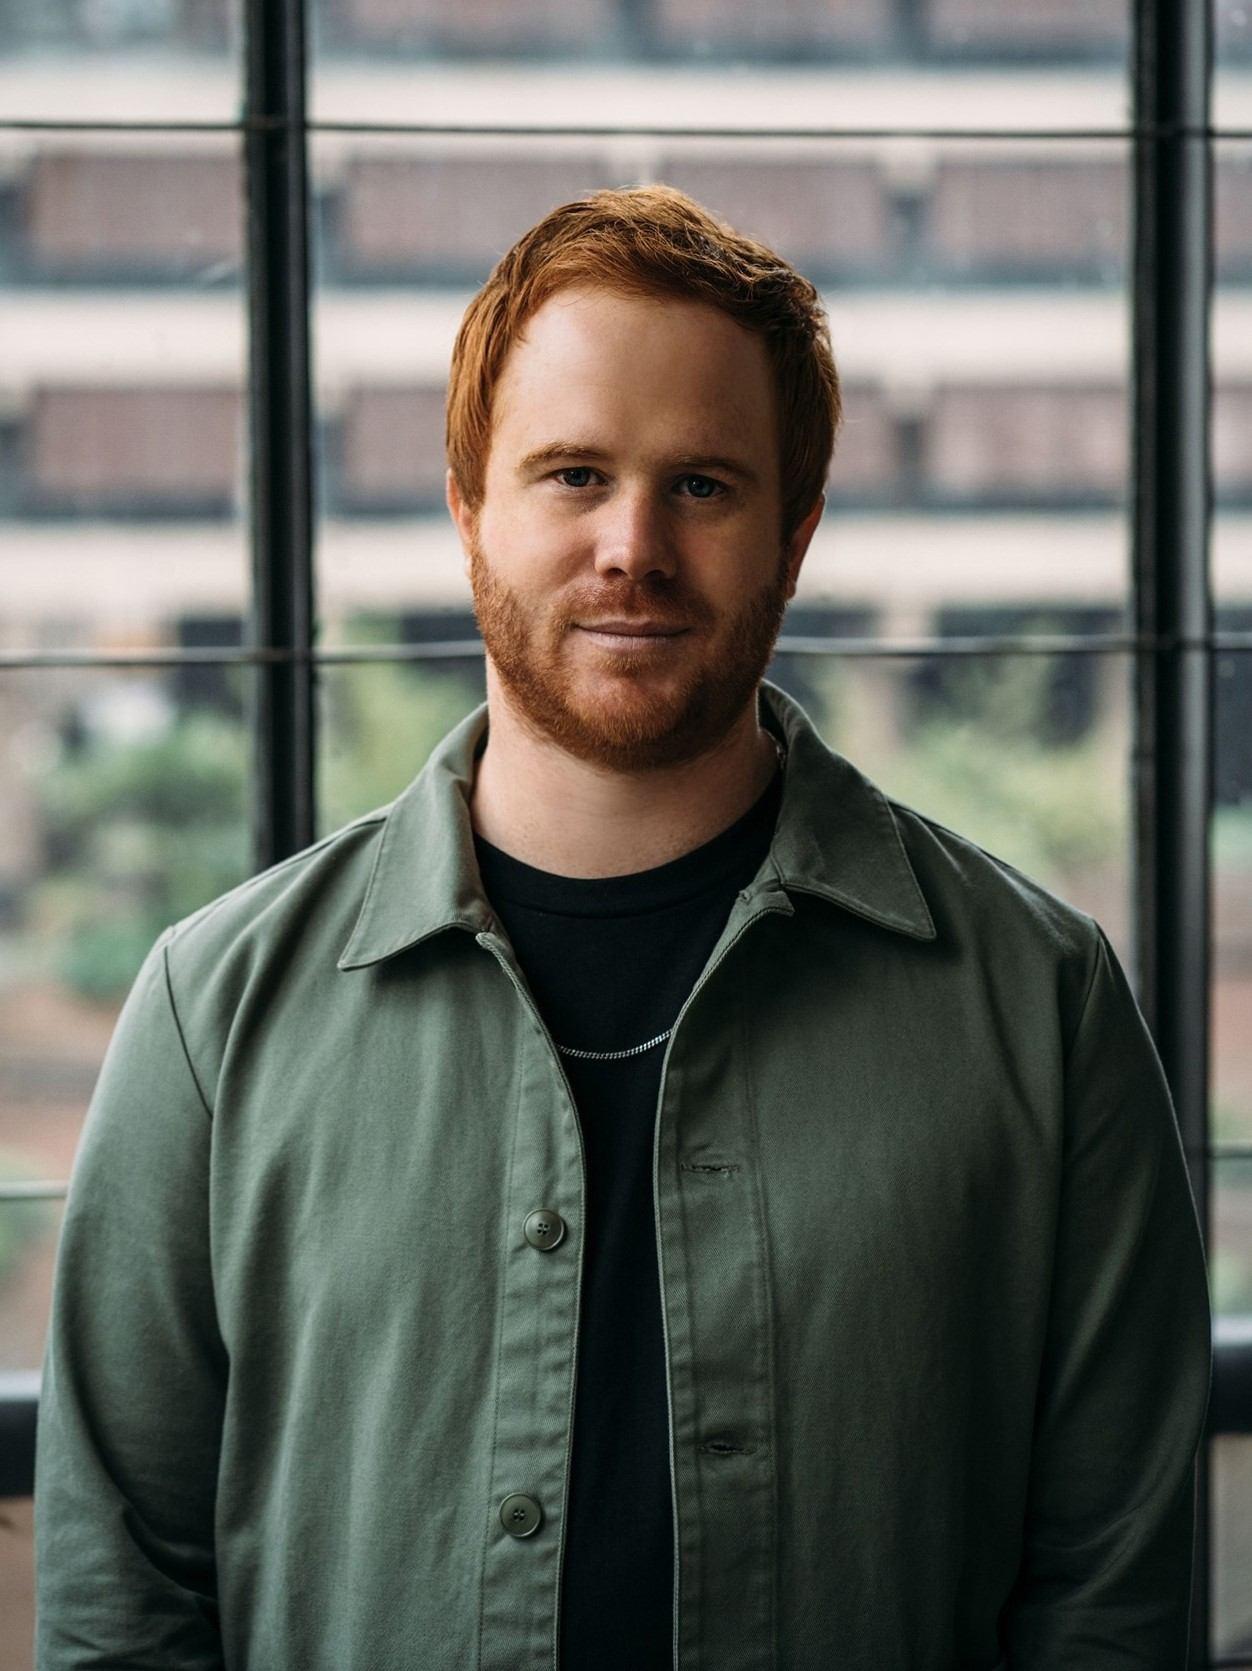 Chris Godfrey Happy Yolk influencer marketing lab